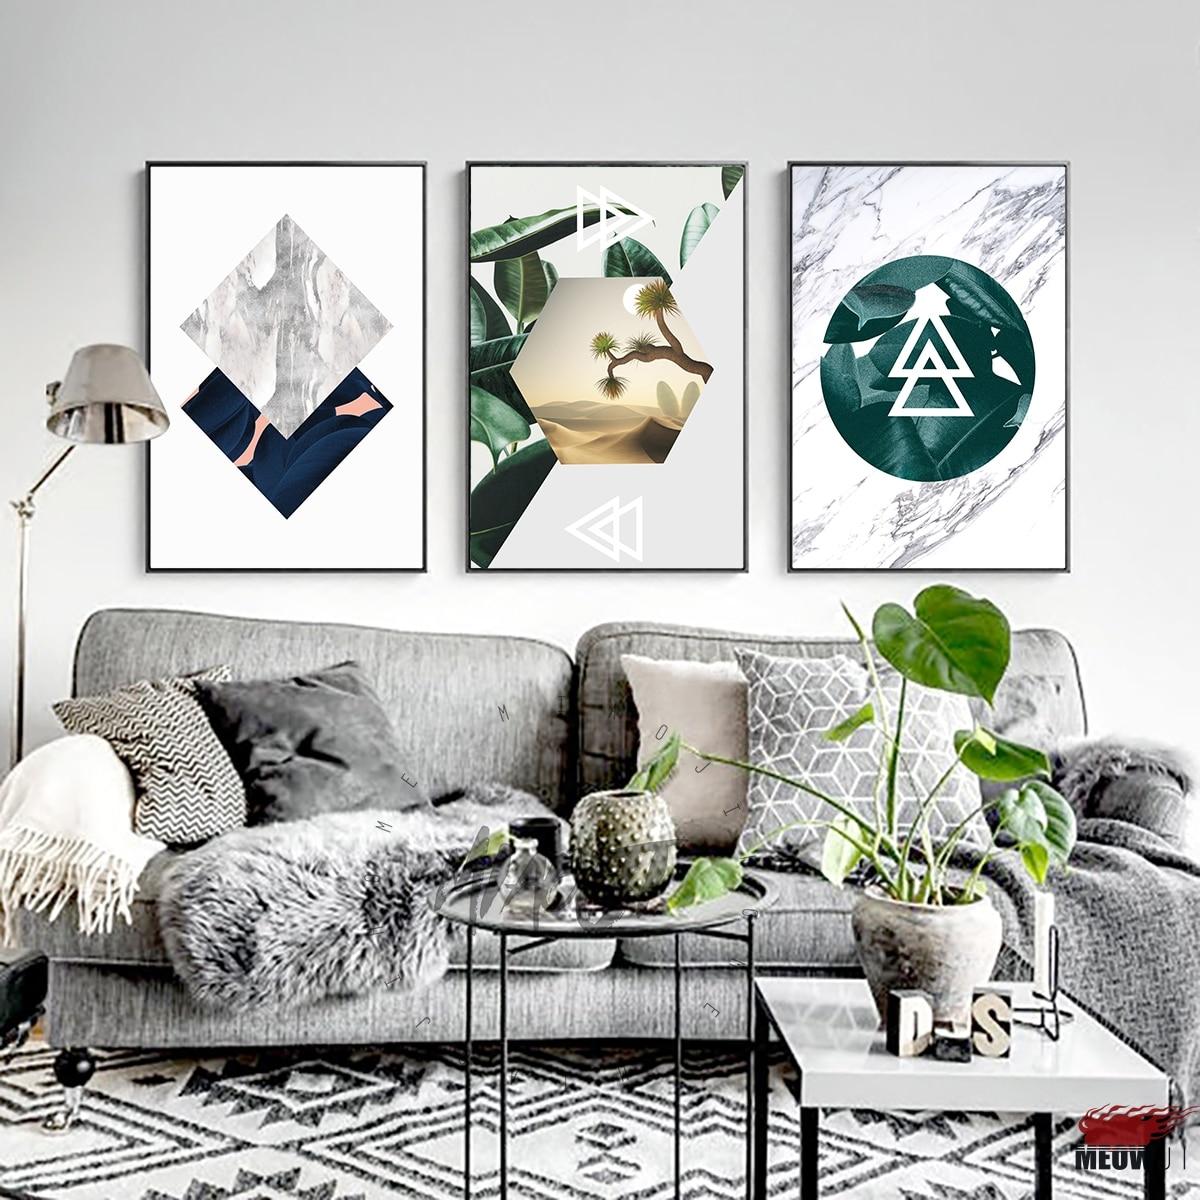 US $4.99  Poster Da Parete di Arte Stampata Su Tela Pittura Per Soggiorno  Nordic Decorazioni In Marmo Grano Piante Verdi Fresche Della Decorazione ...